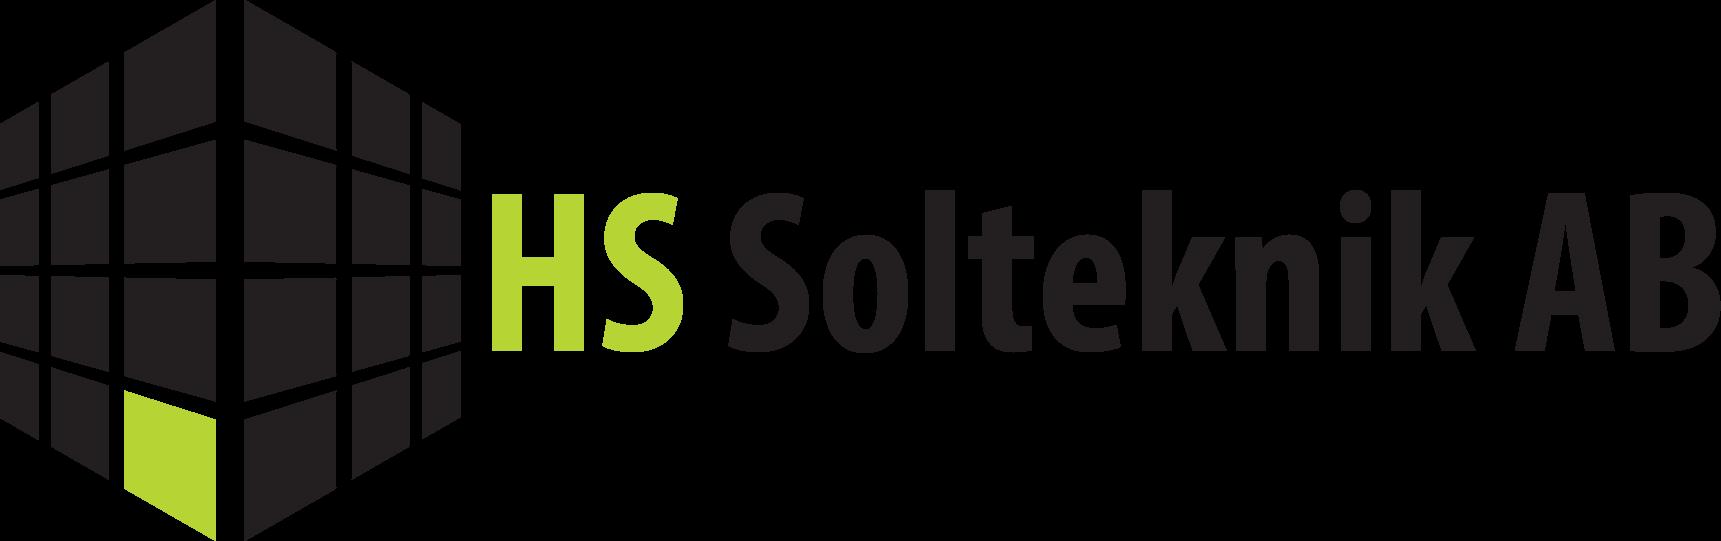 HS Solteknik